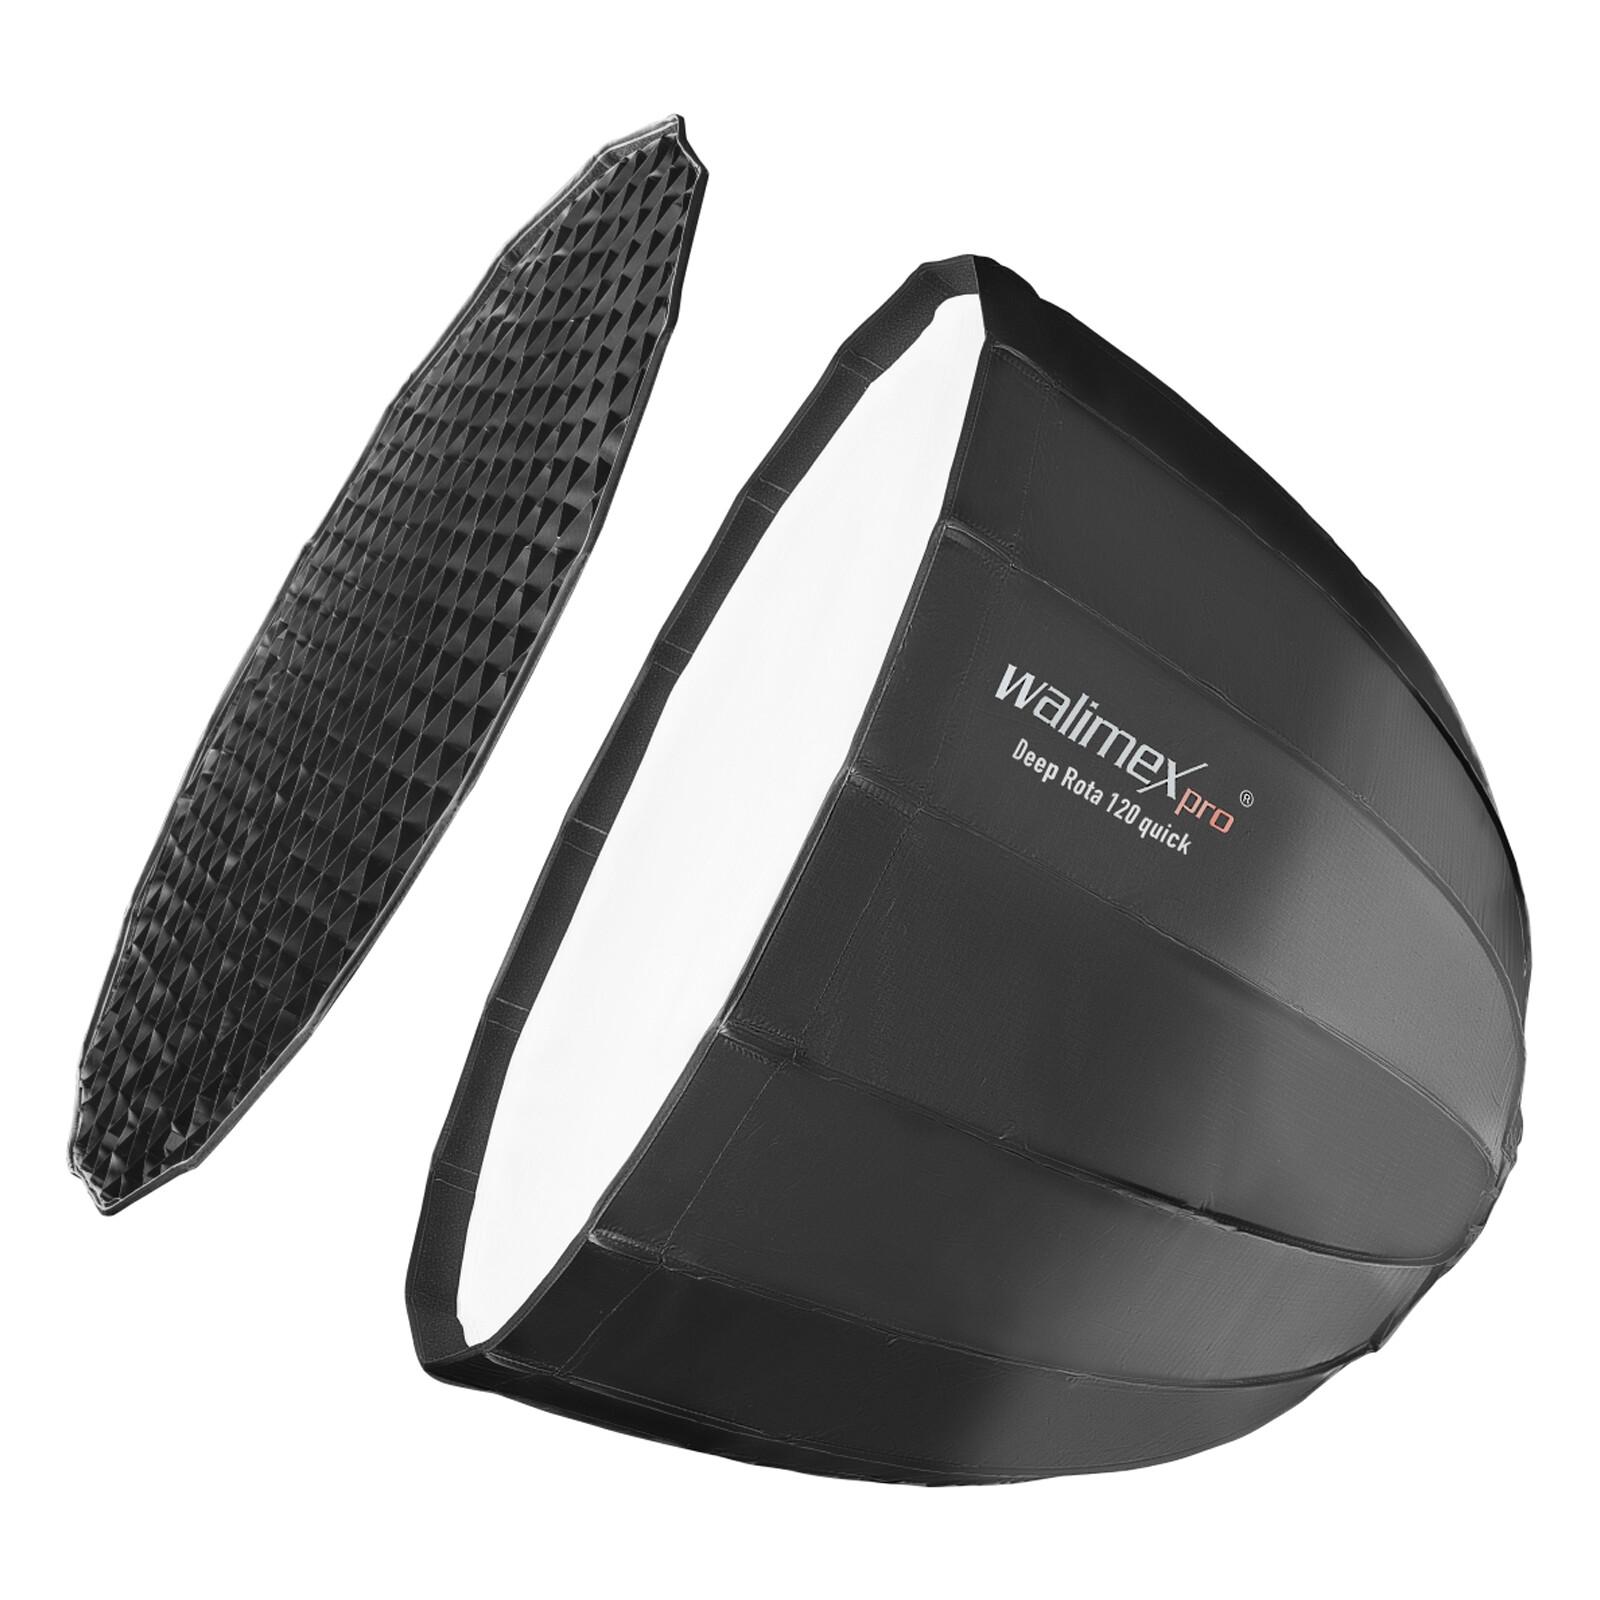 Walimex pro Studio Line Deep Rota Softbox QA120 Aurora/Bowen